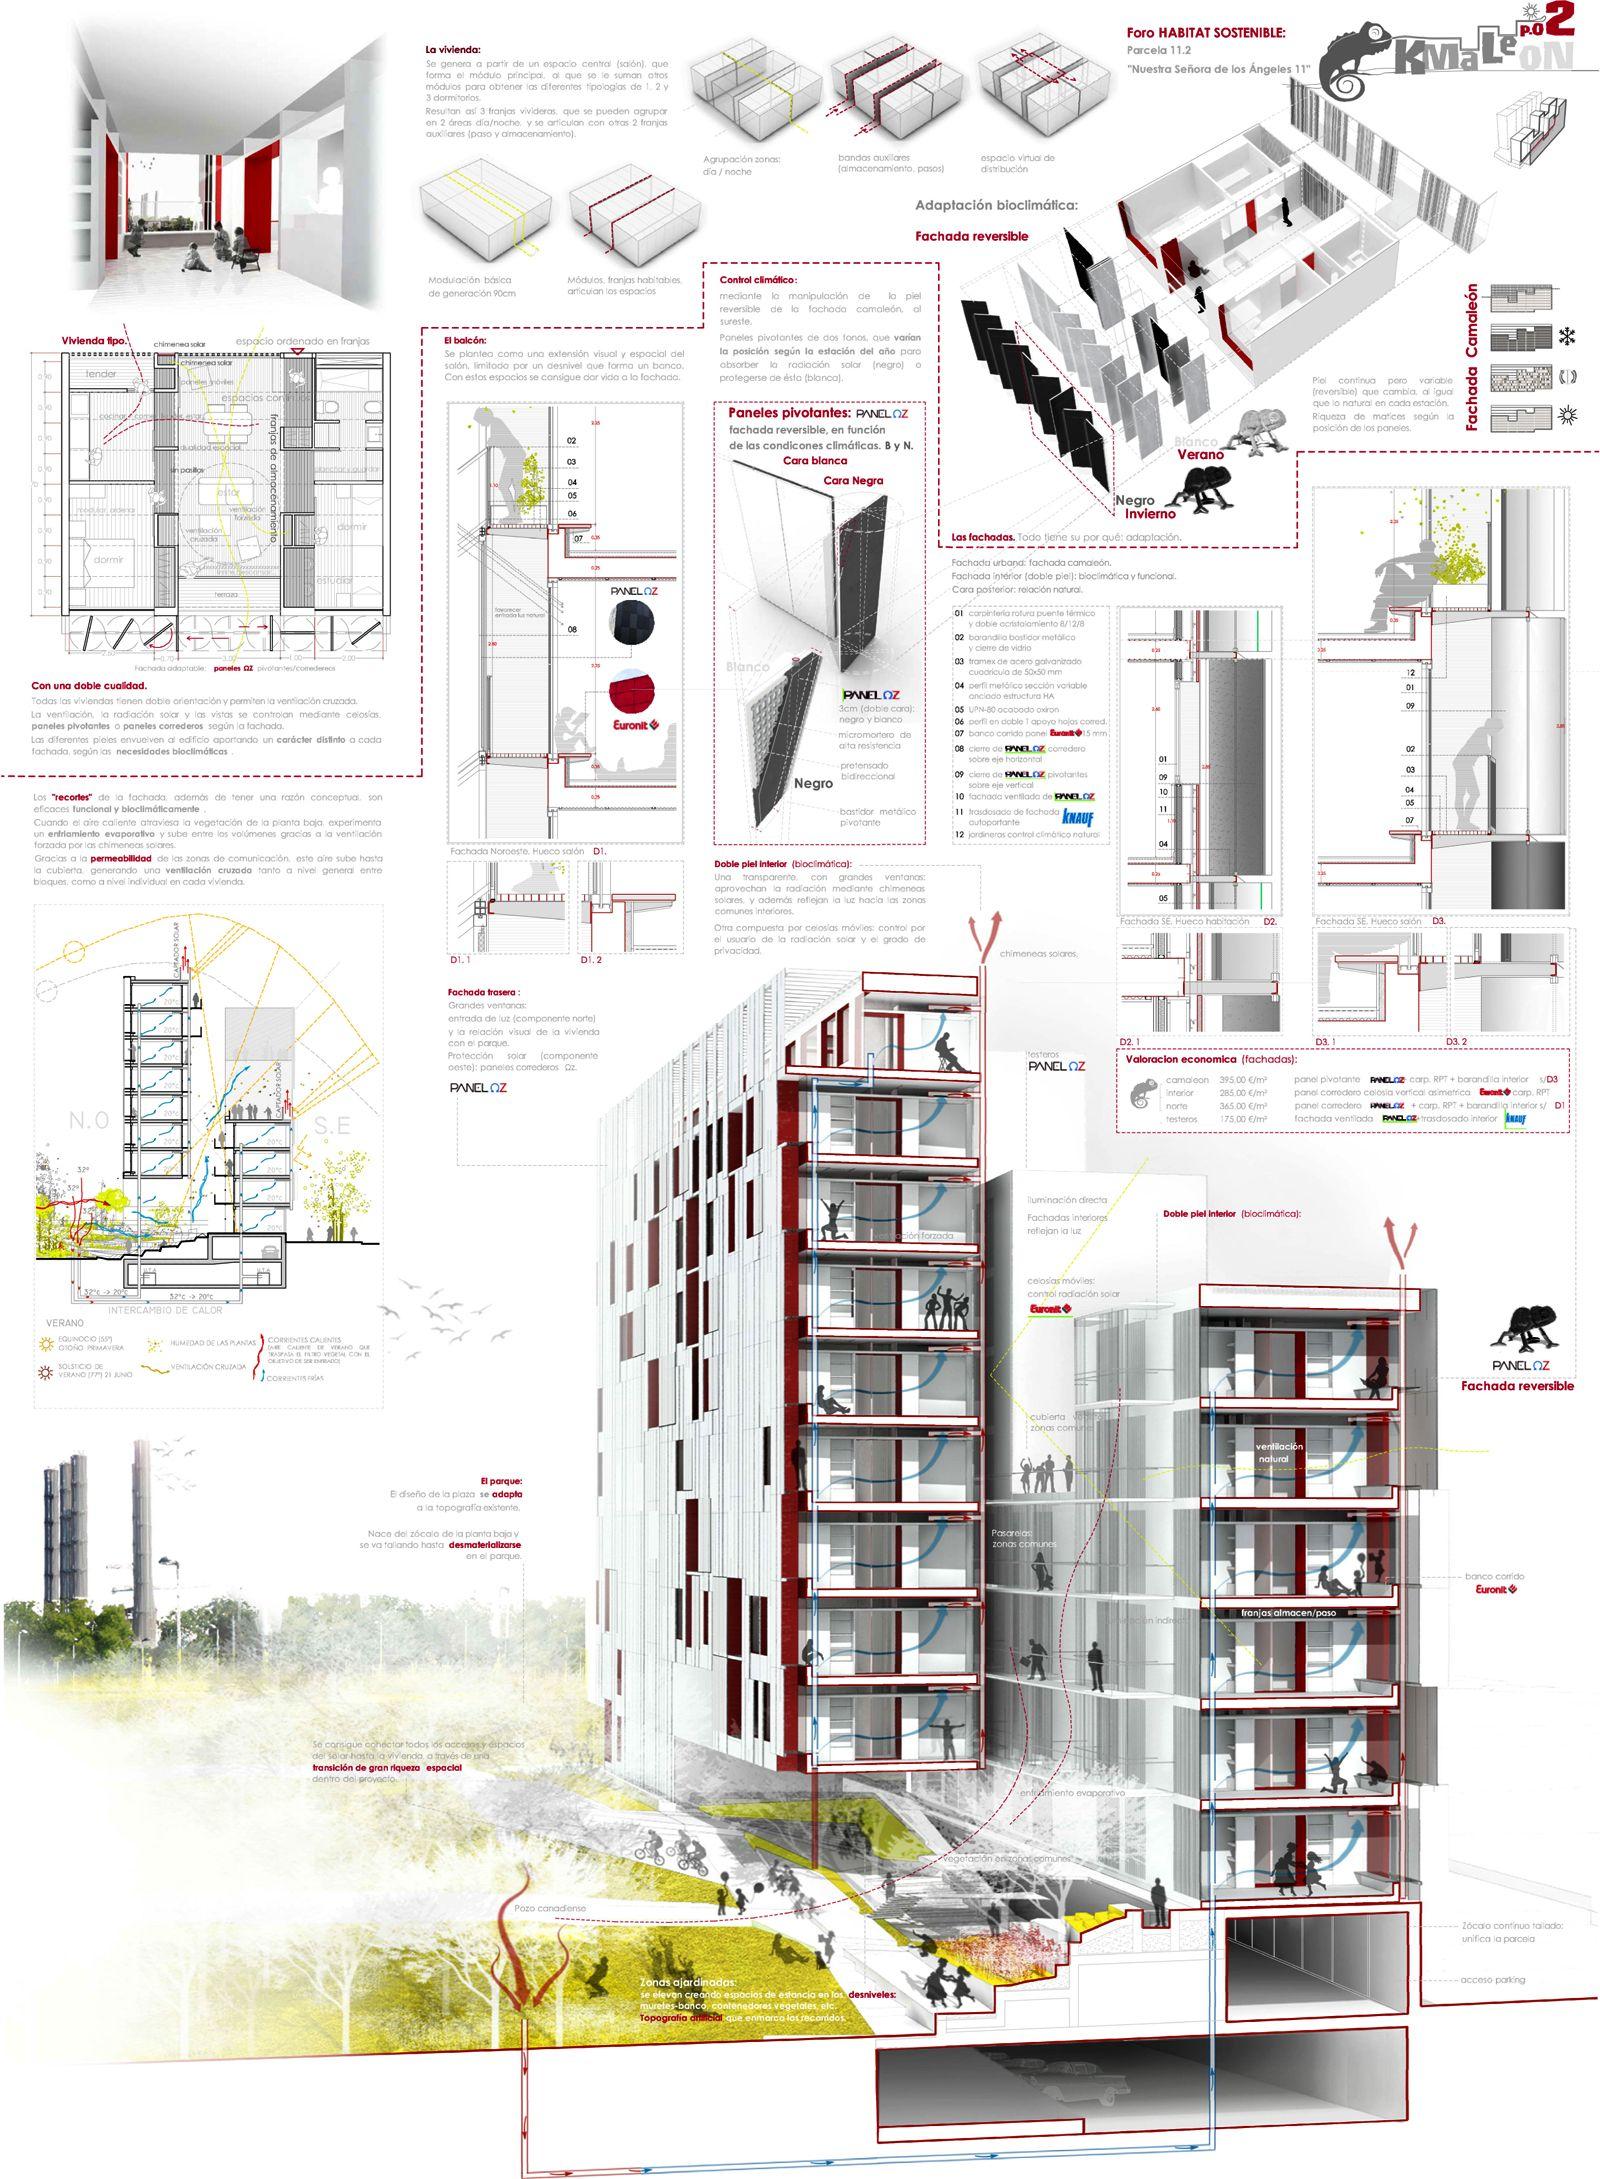 Galería De Kmalaeon: Conjunto De Viviendas / GEA Arquitectos   1.  Architecture PanelSustainable ...